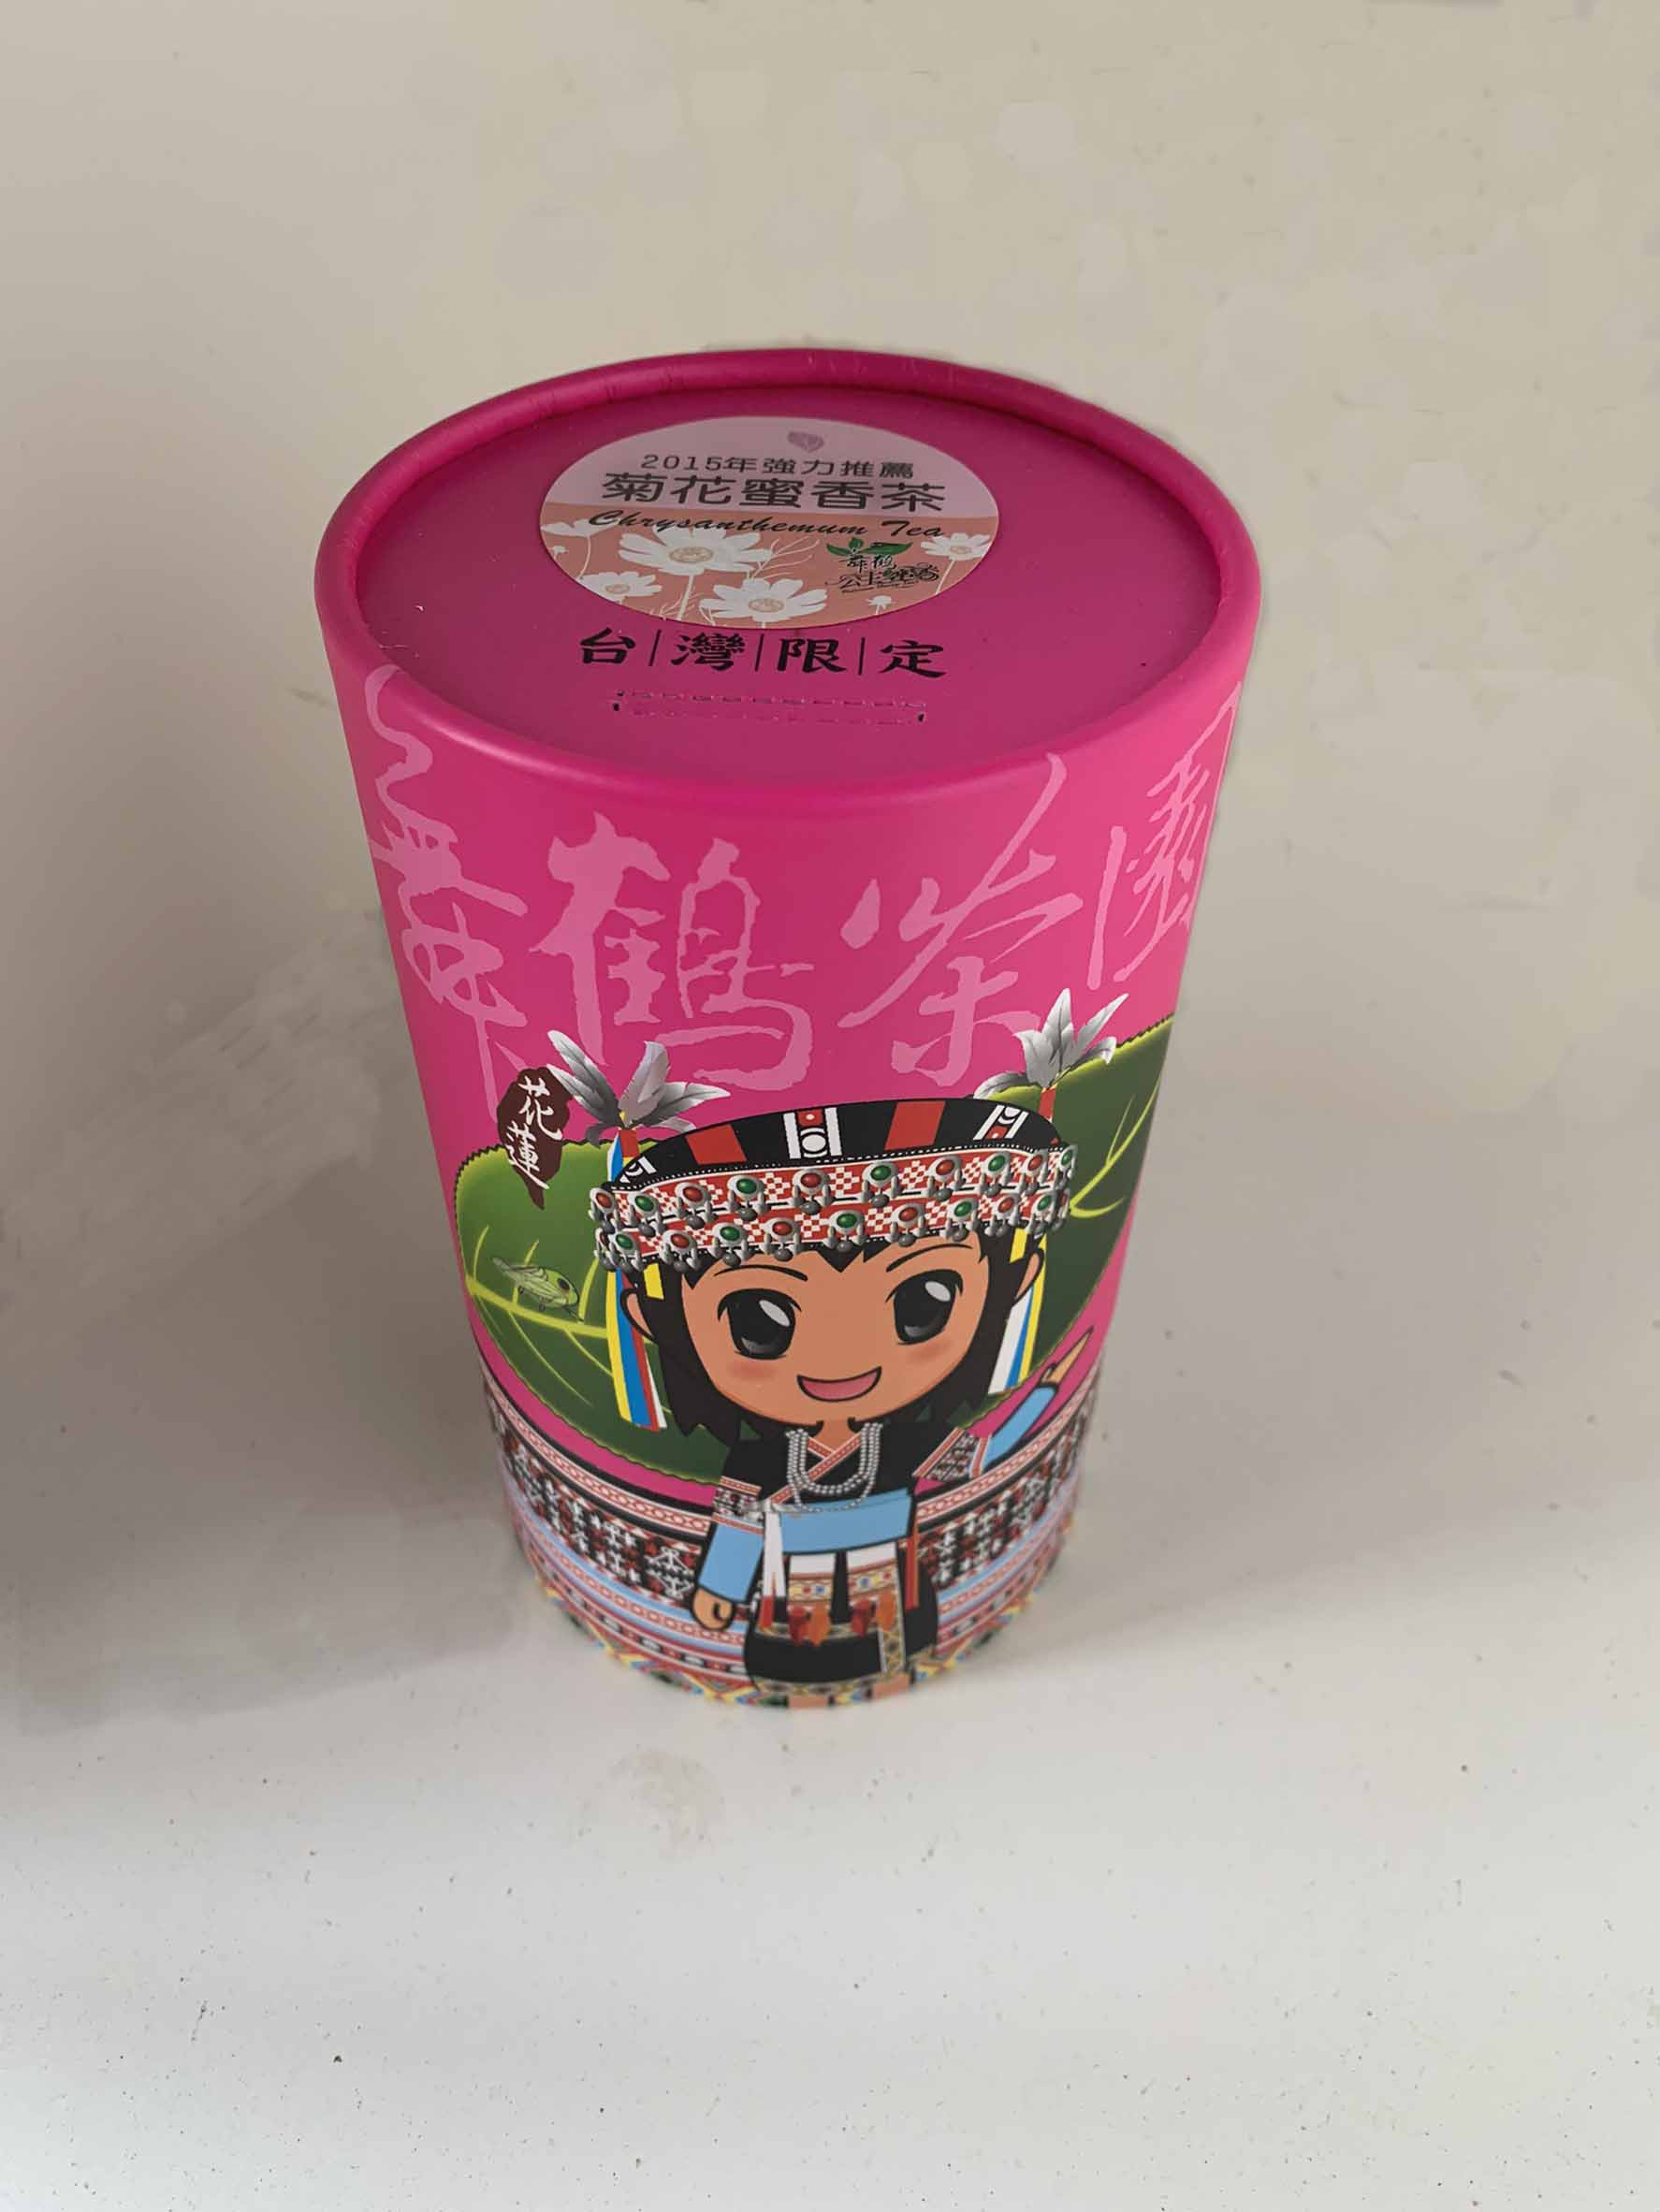 公主菊花蜜香紅茶150g